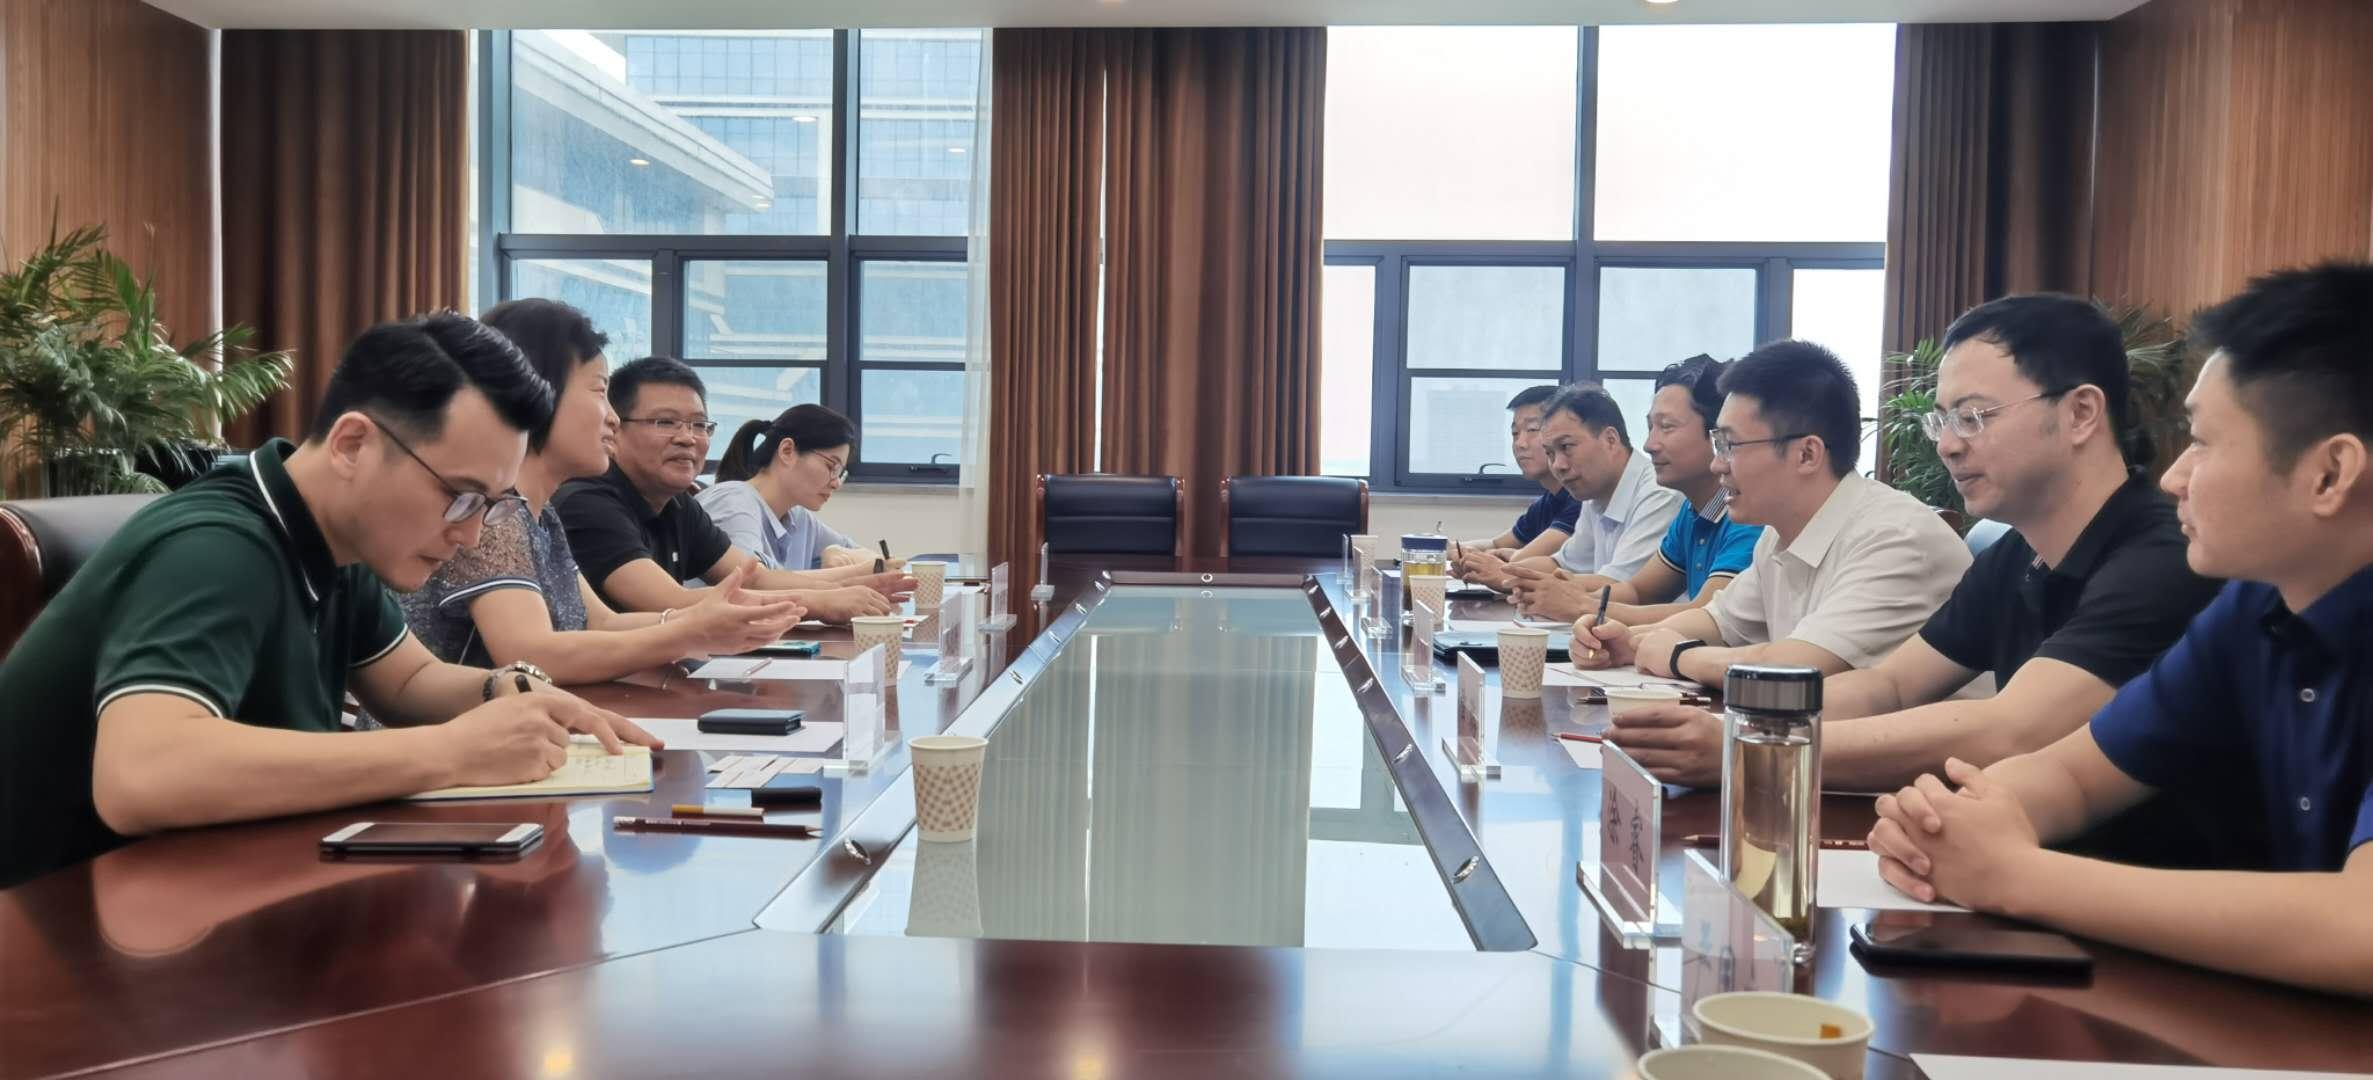 徽商银行总行、菏泽分行等领导一行来访 商谈金开区城投项目合作